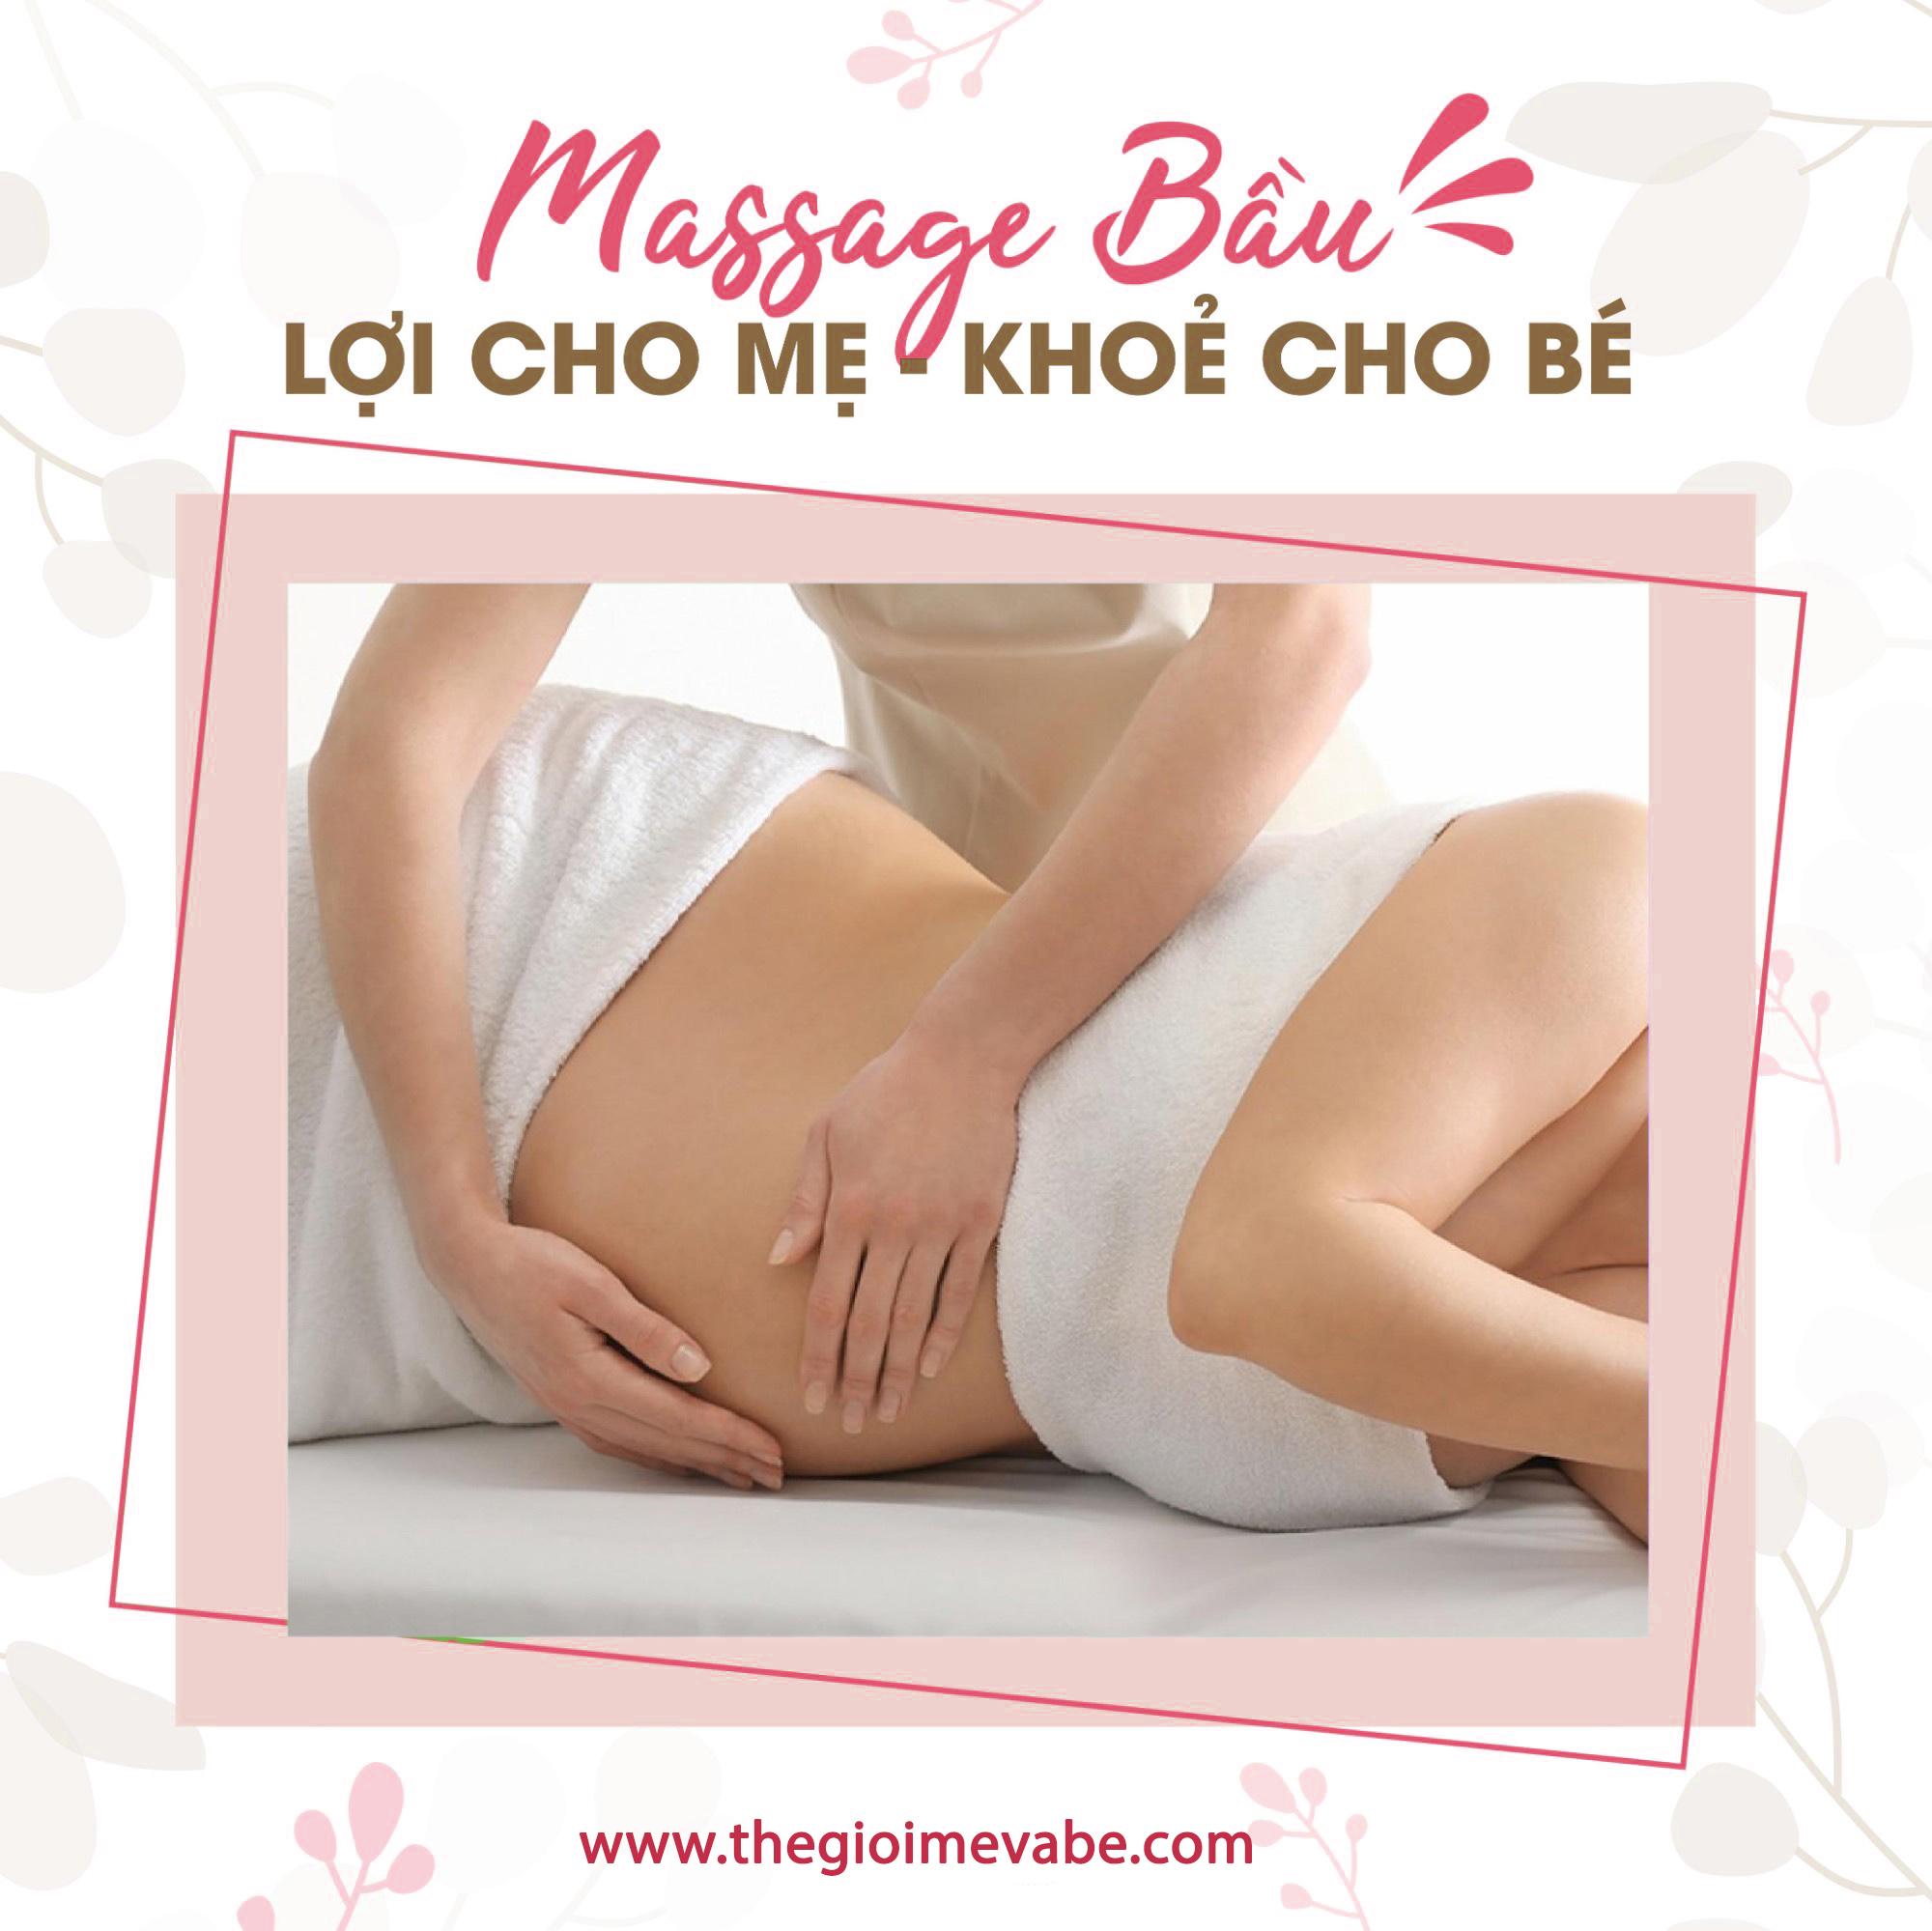 Dịch vụ massage bầu tại nhà